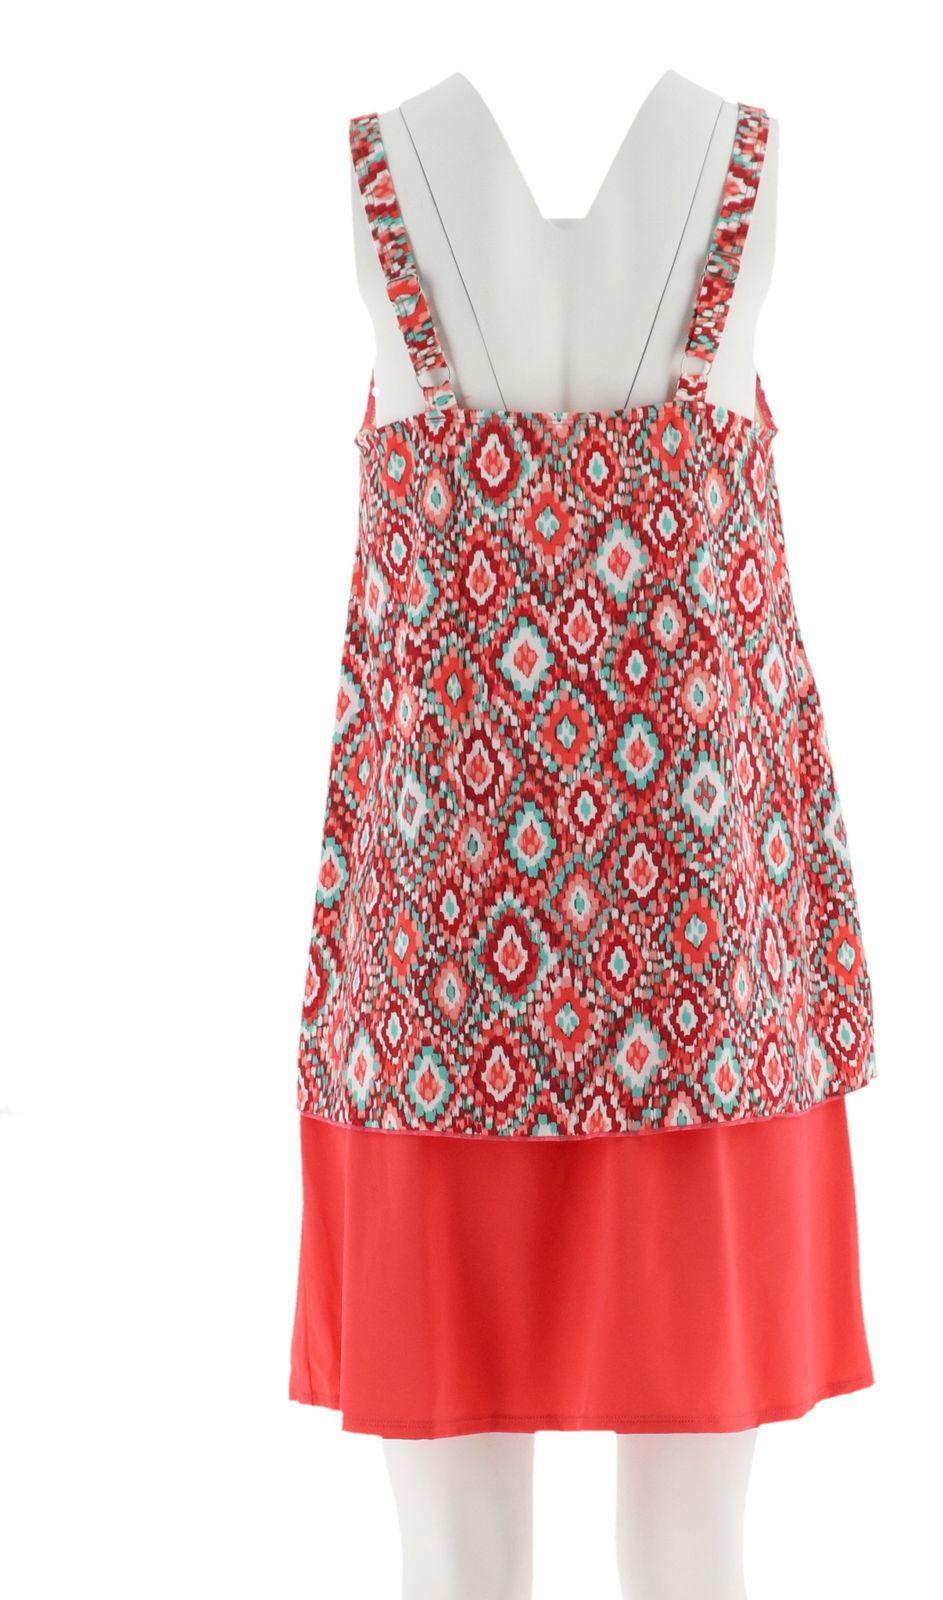 Denim& Co Beach Hi-Low Tankini Swimsuit Skirt Coral Ikat 18W NEW A303155